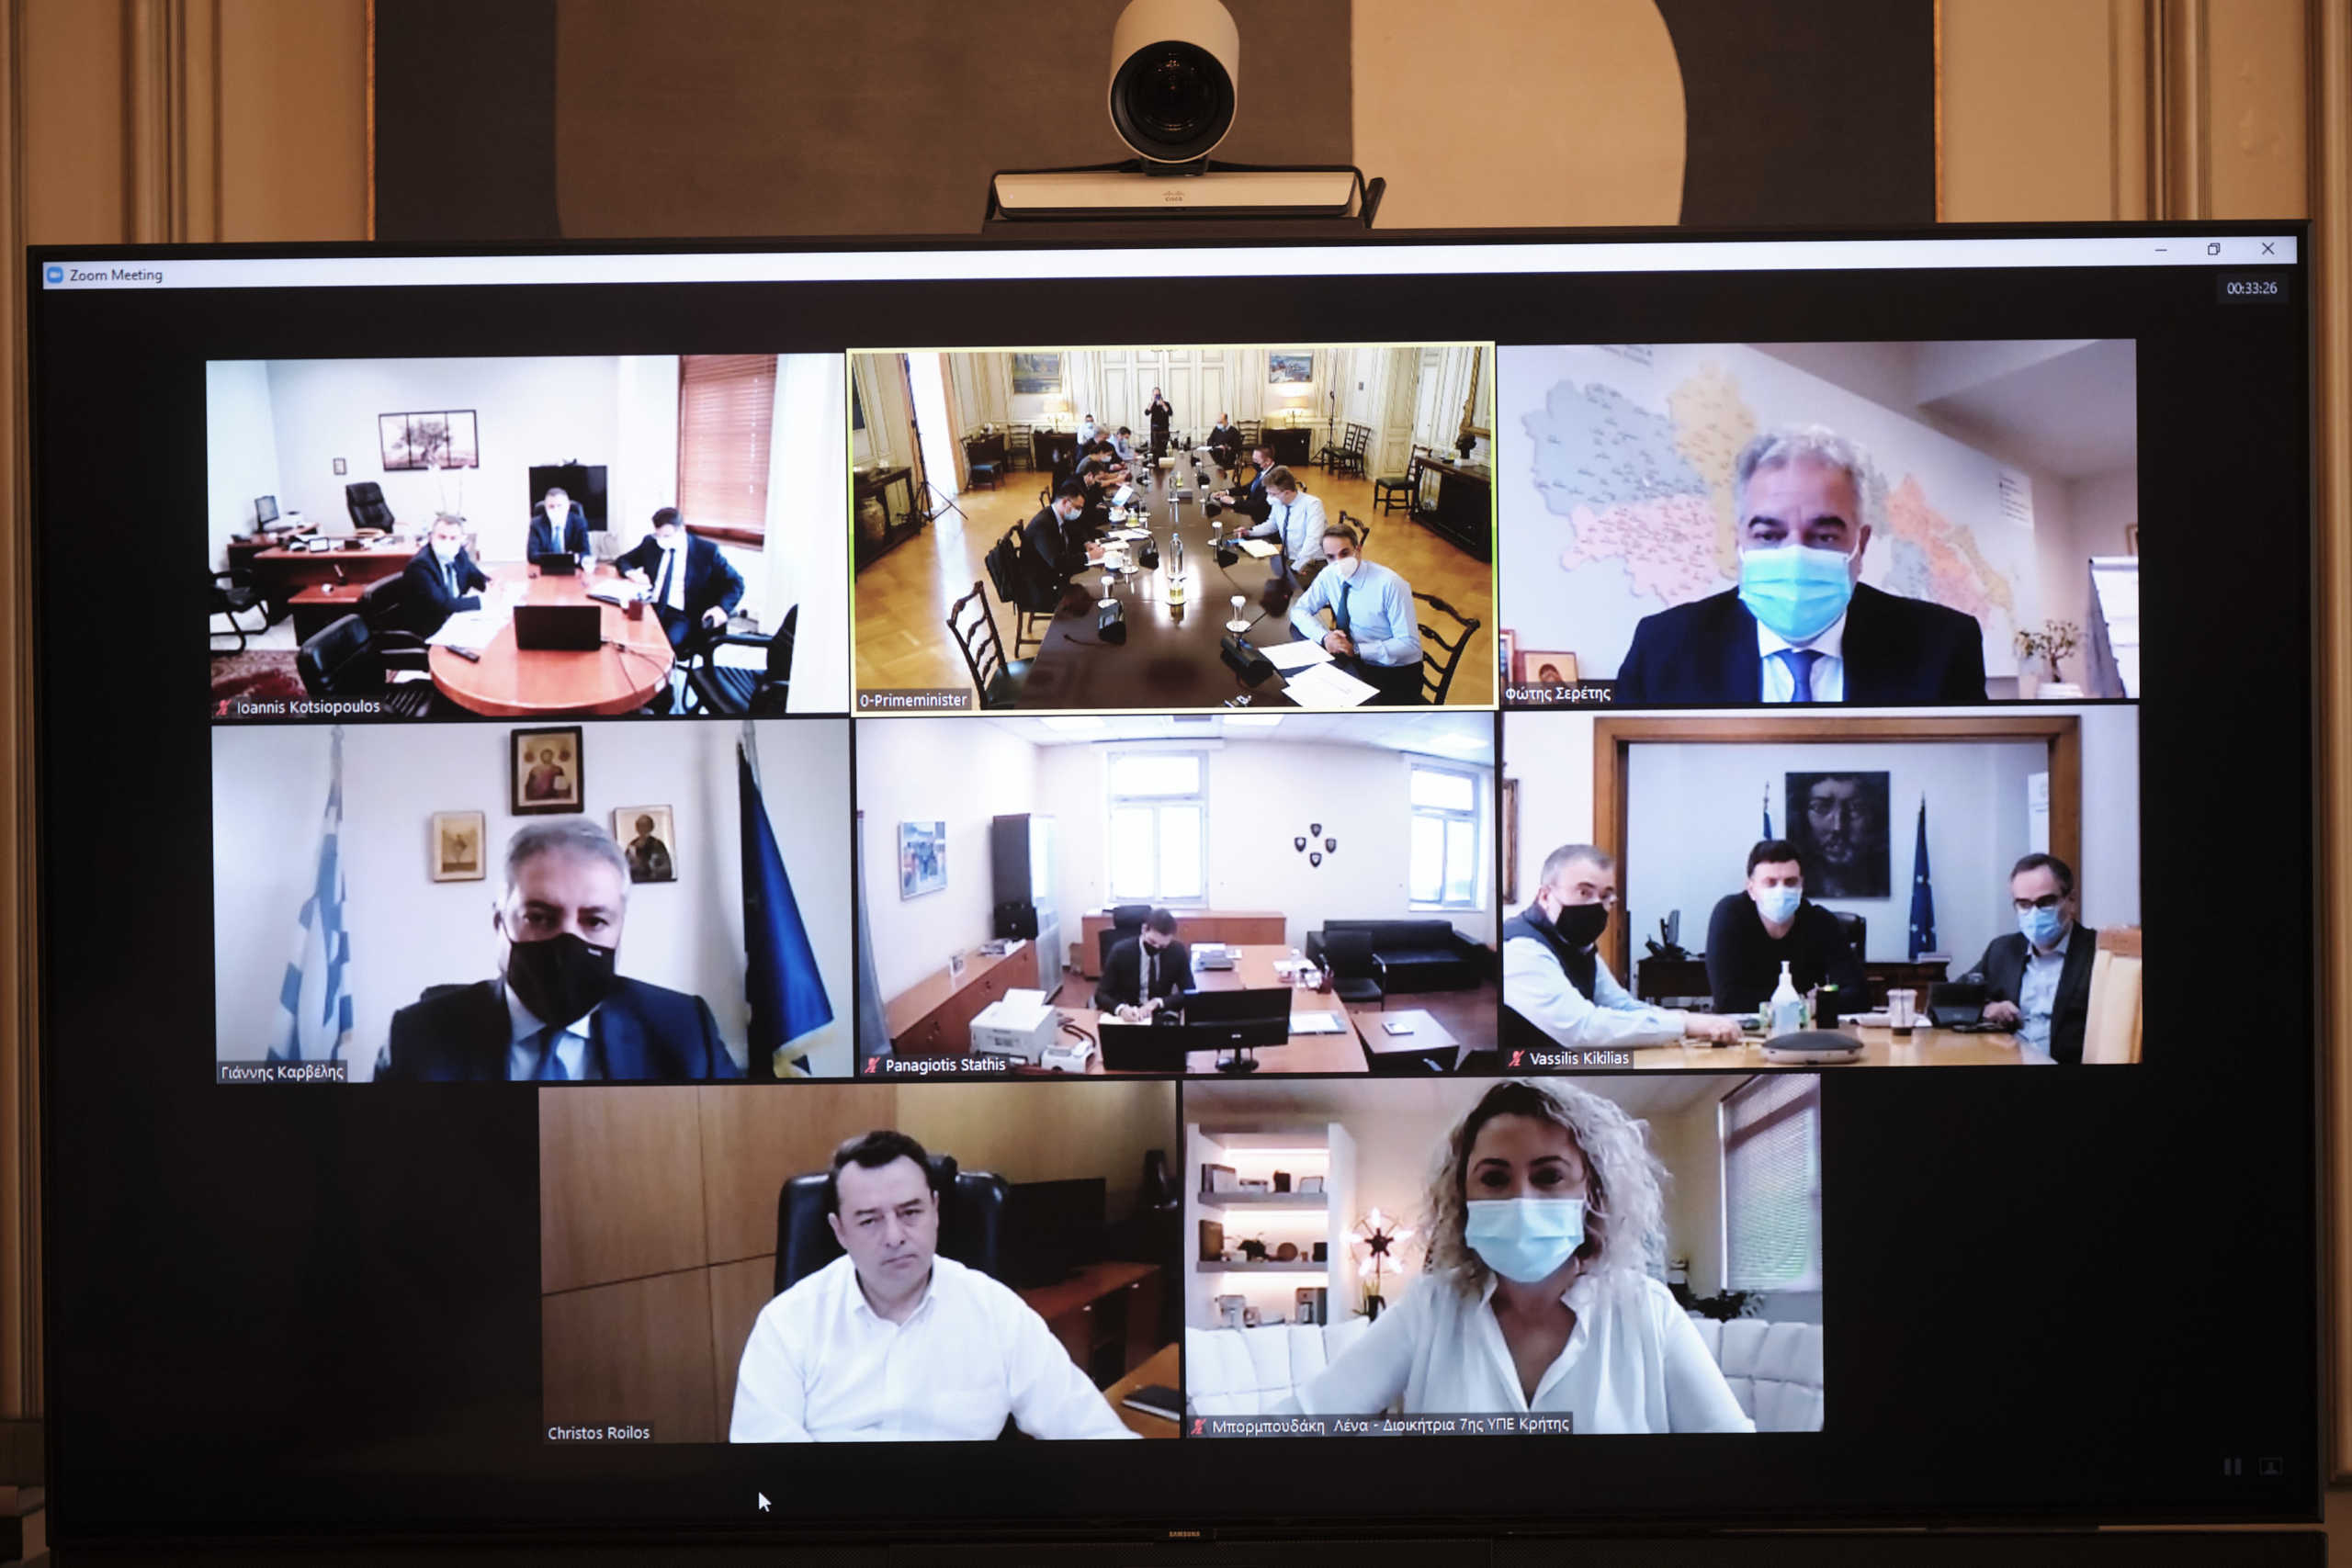 Μητσοτάκης: Αορίστου χρόνου όλοι οι γιατροί σε ΜΕΘ – Τι είπε για το lockdown